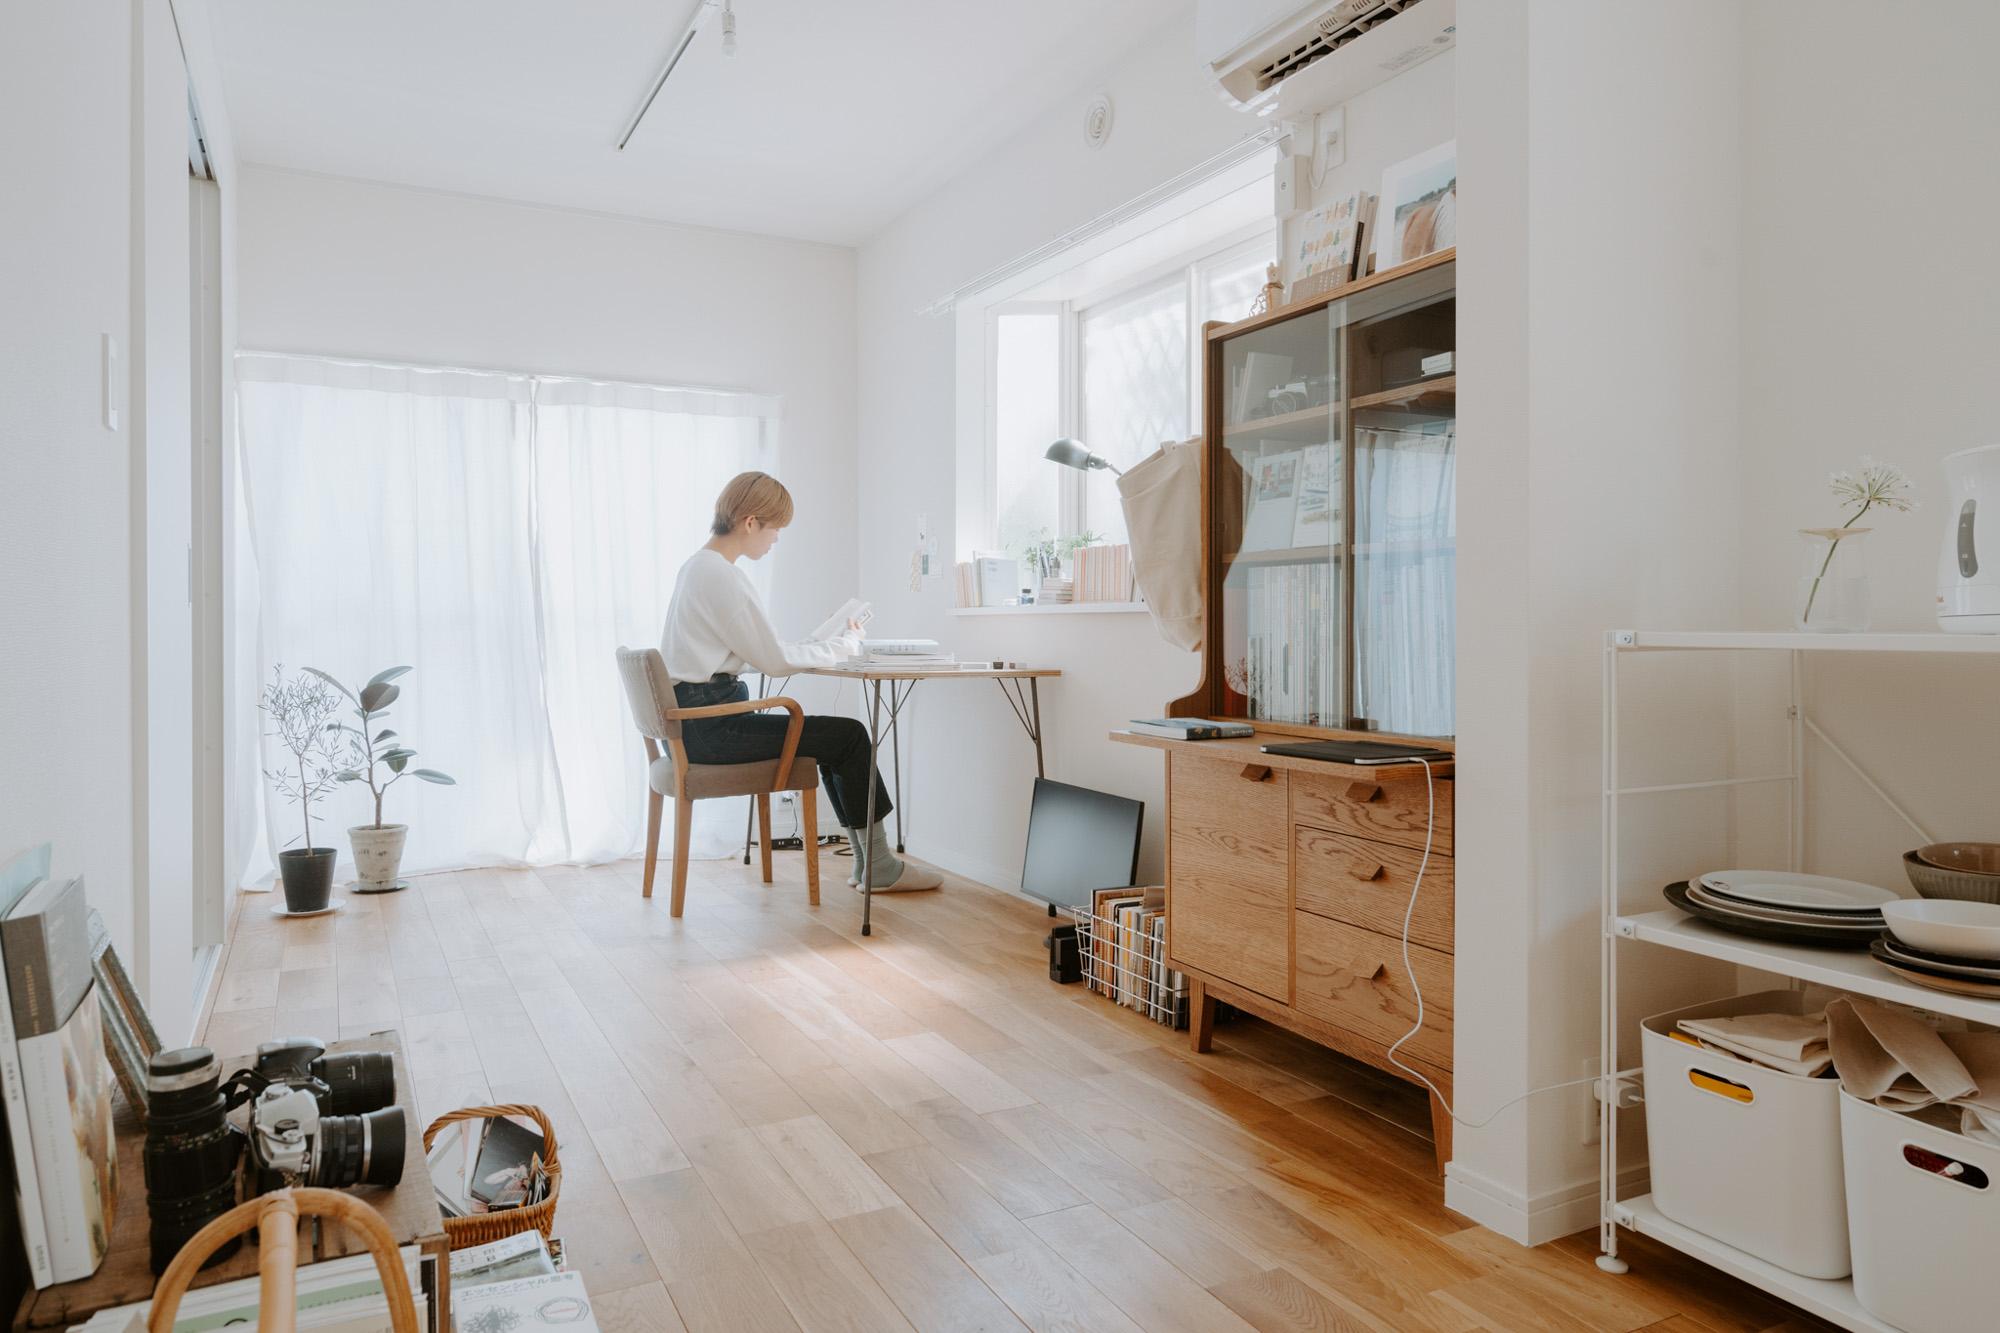 編集者として活躍されている詩乃さんがお住まいなのは、38㎡ほどの1LDK。 グッドルームのオリジナルリノベーション賃貸「TOMOS(トモス)」のお部屋です。